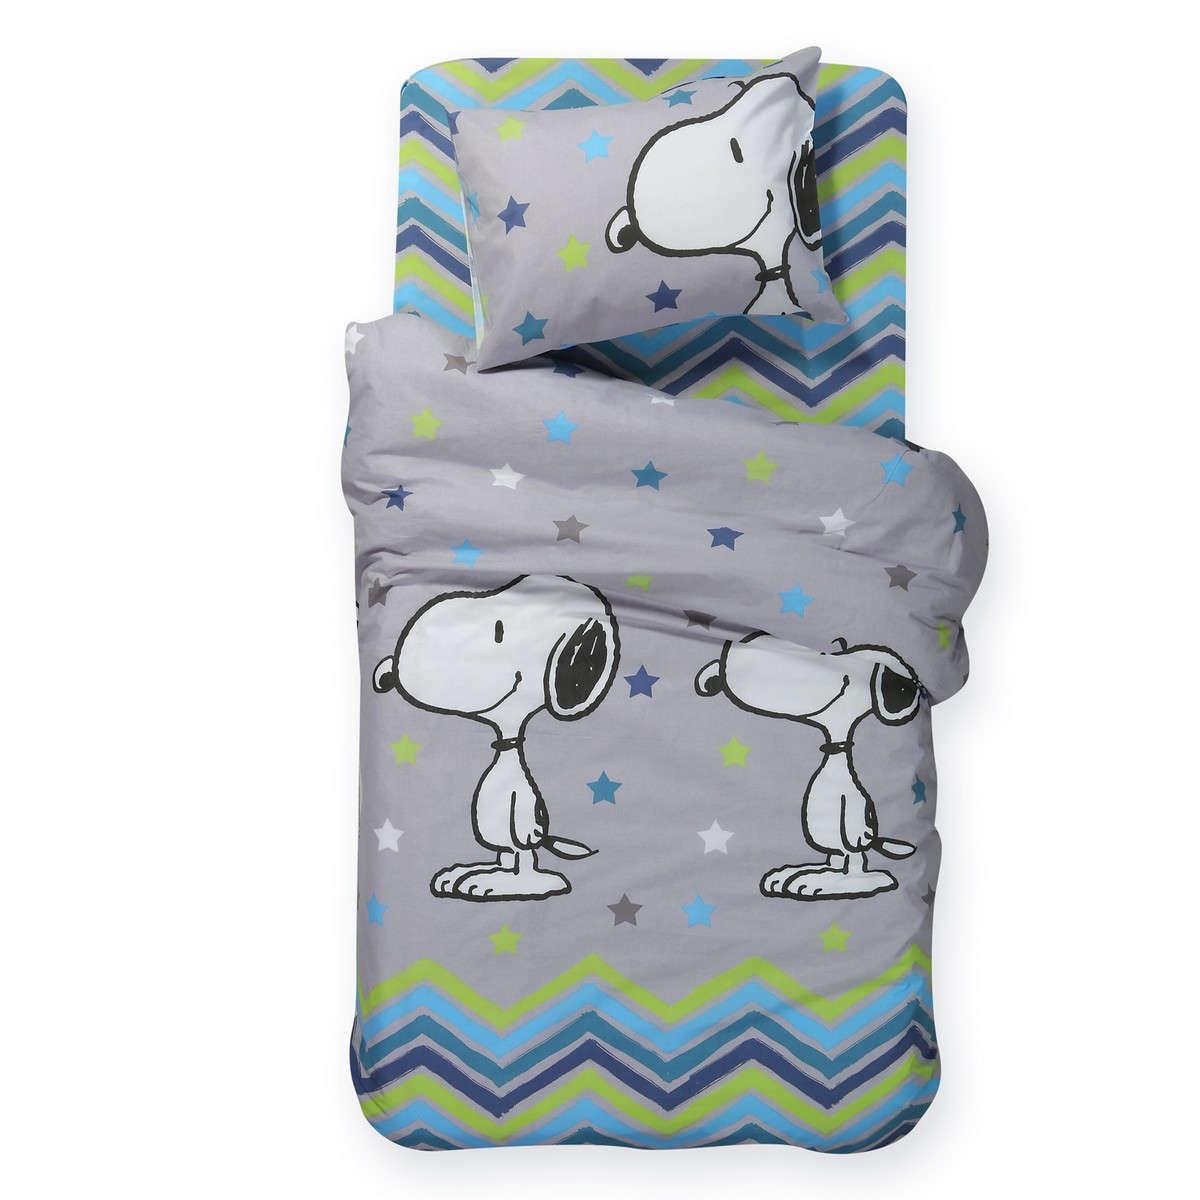 Σεντόνι Παιδικό Snoopy Mood Σετ Grey Nef-Nef Μονό 160x260cm